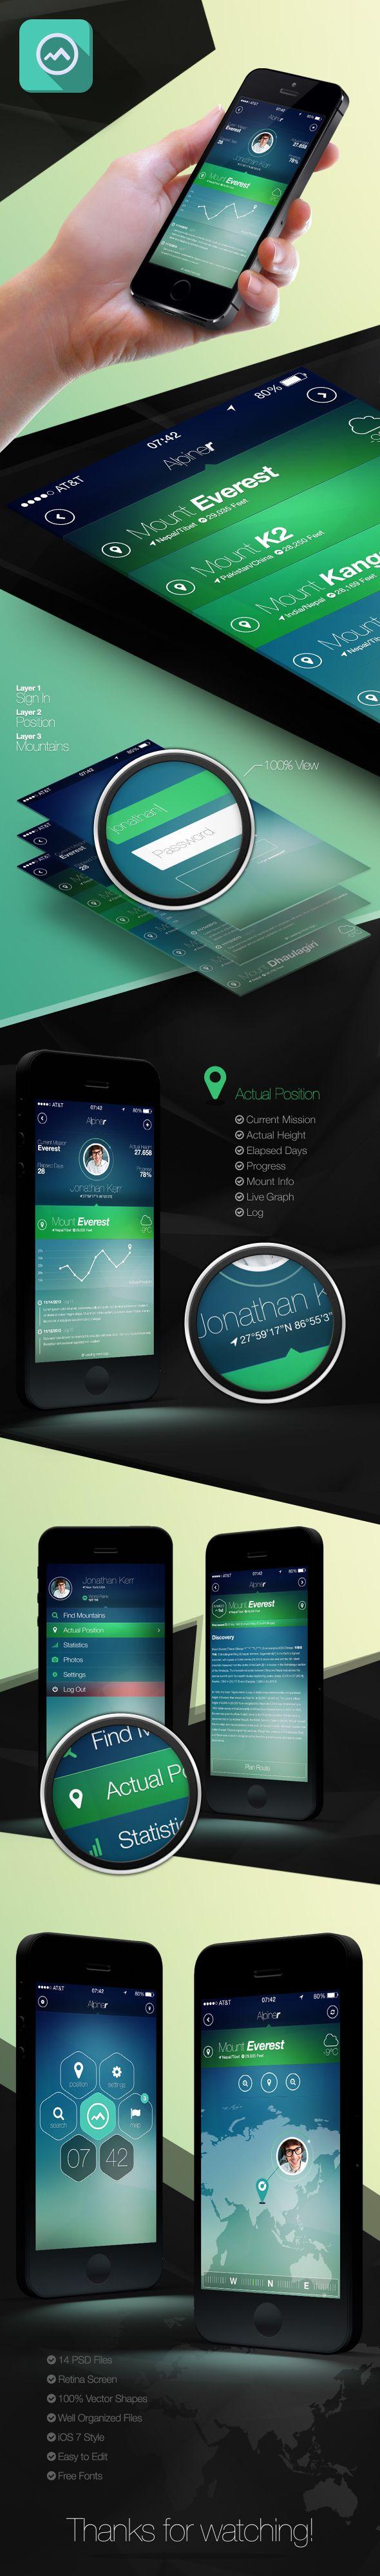 Alpiner - iPhone 5 Retina App Design